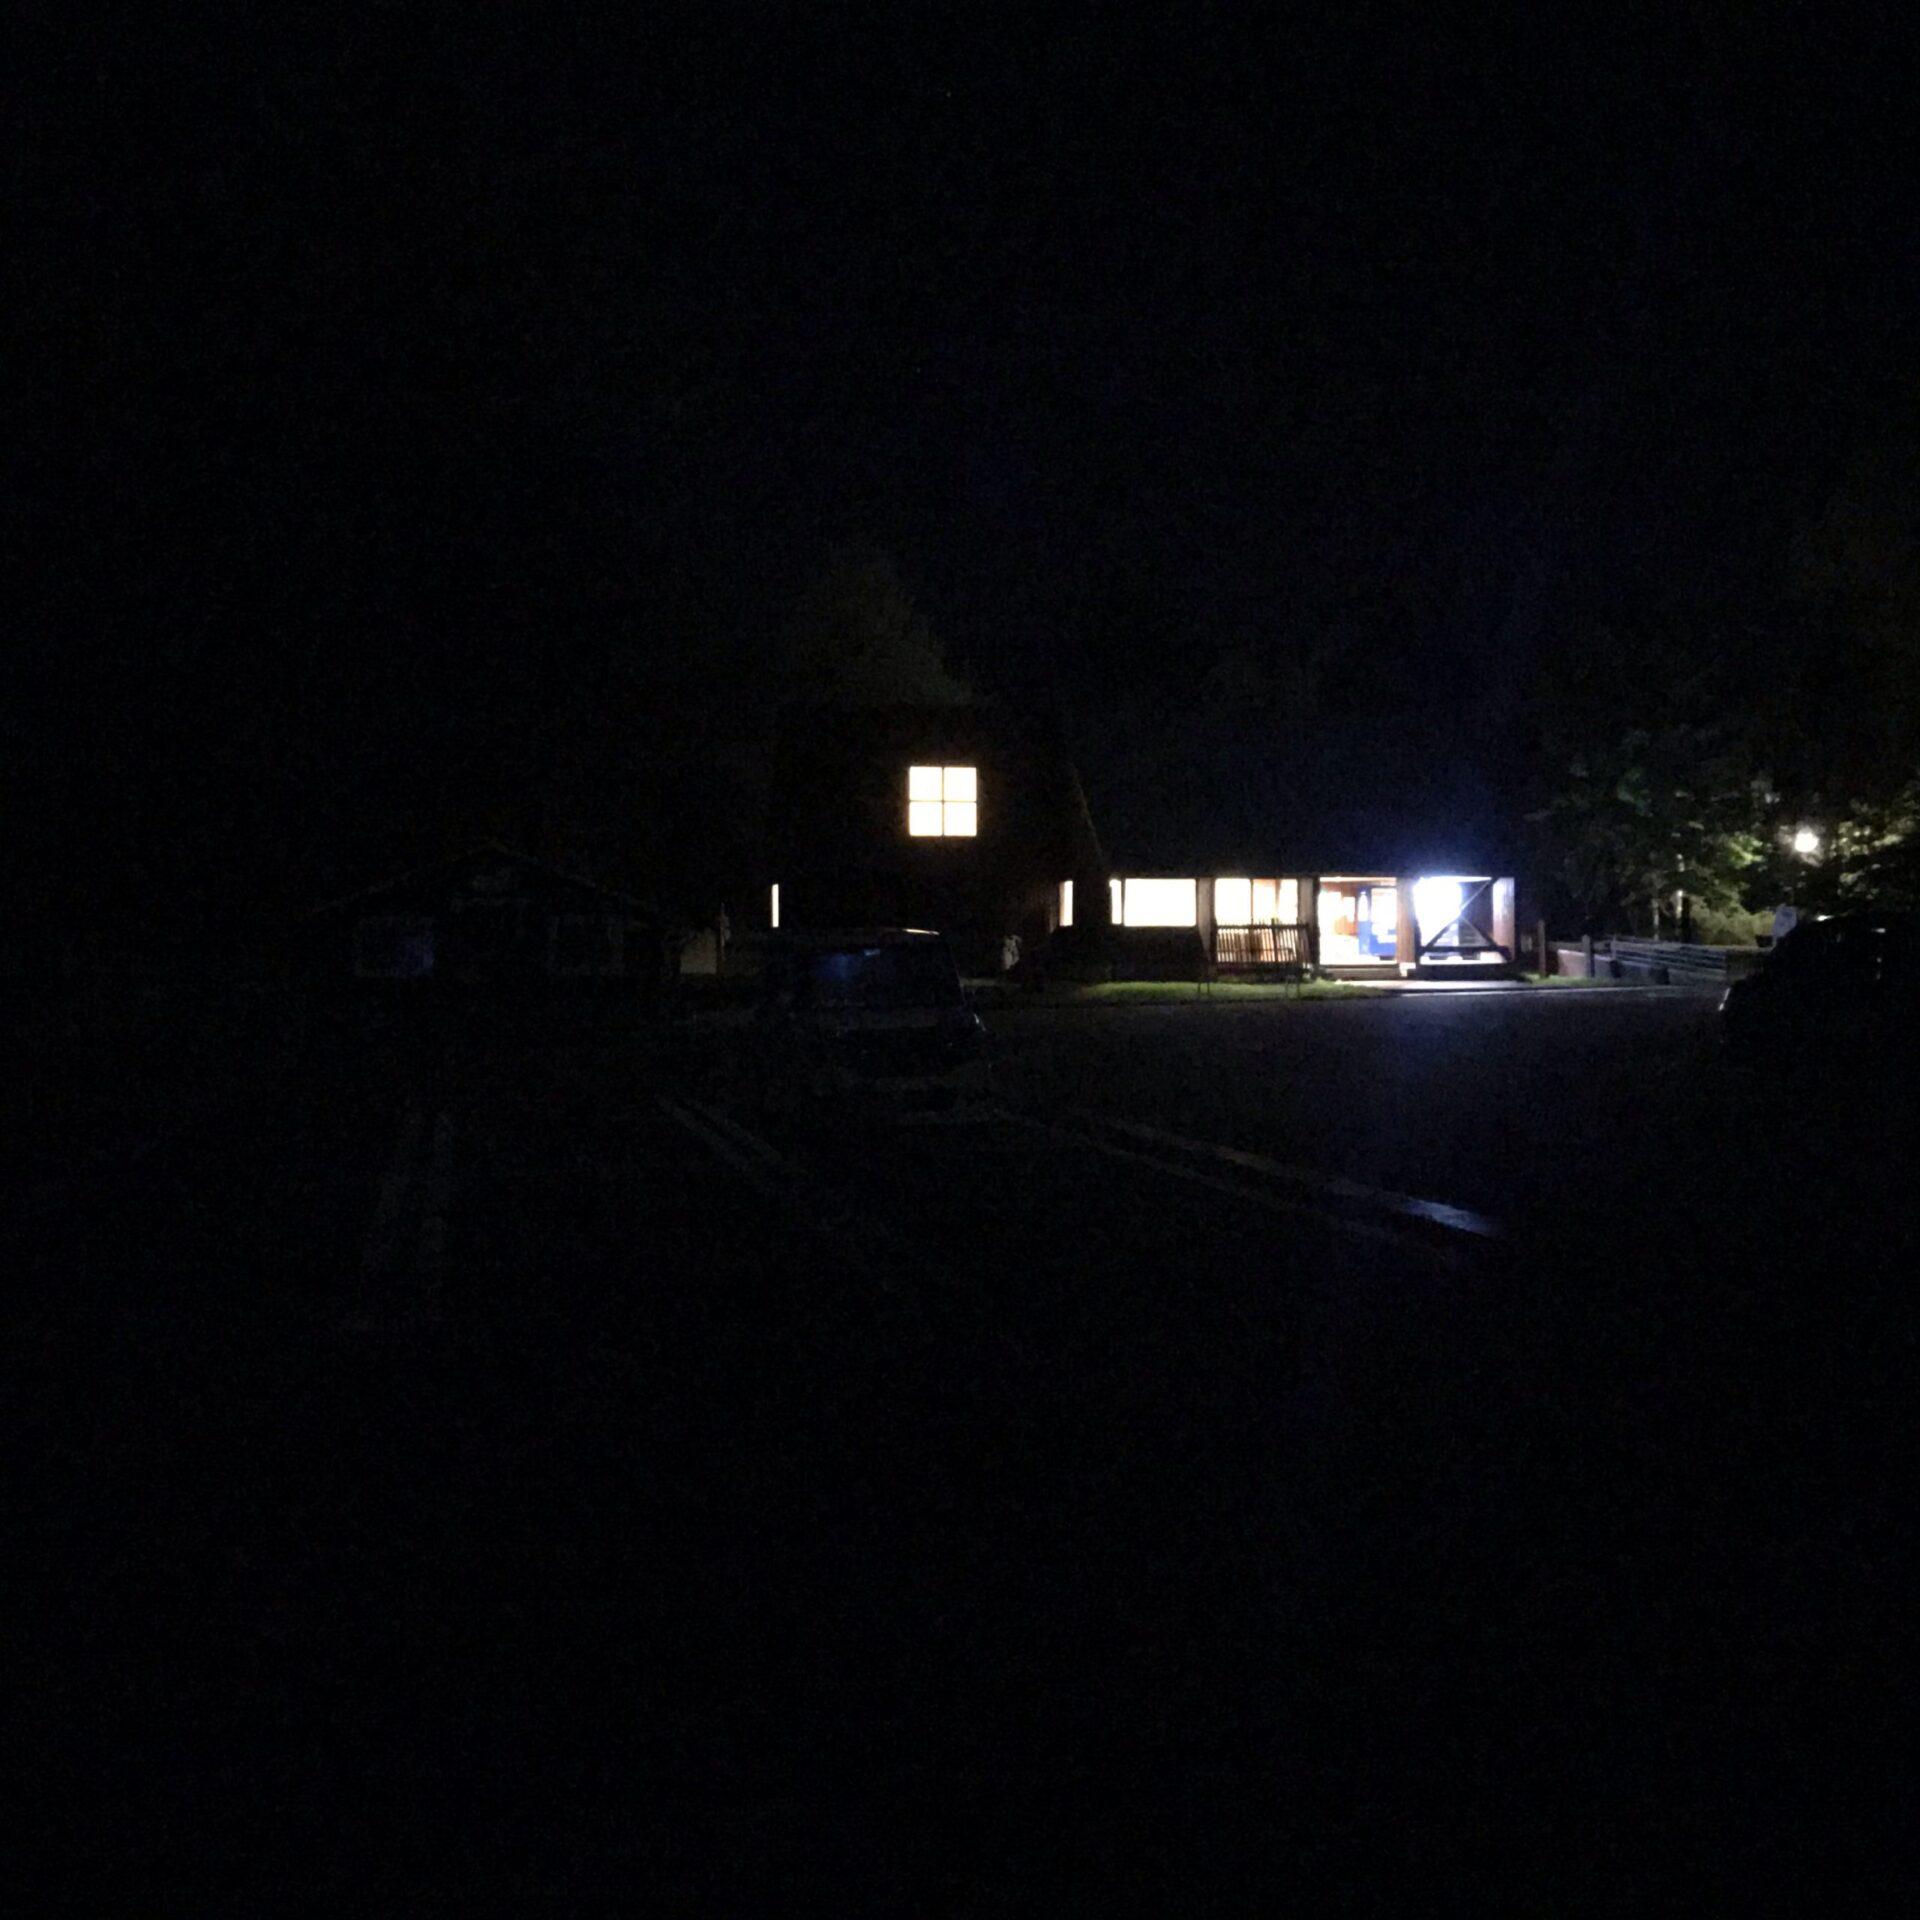 道の駅びえい白金ビルケの駐車場は夜がかなり暗い